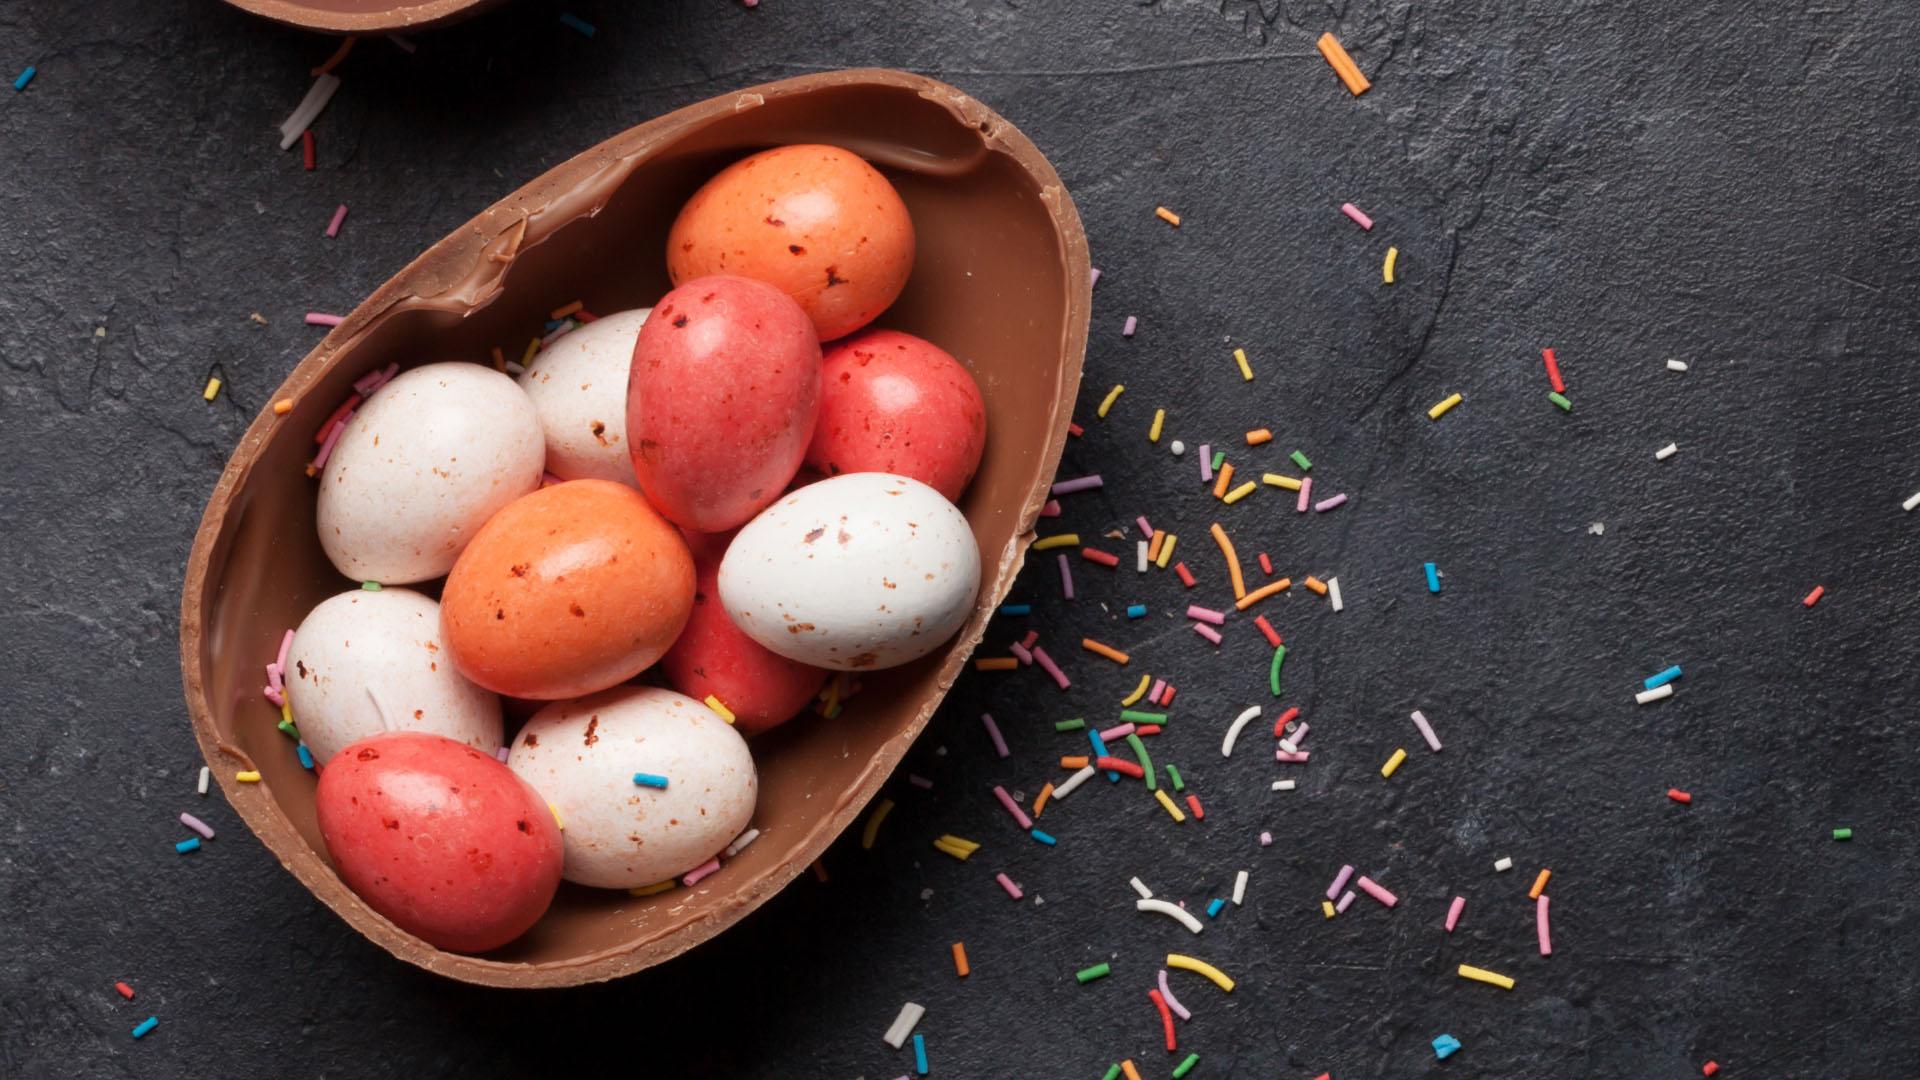 Foto notícia - Ovos de Páscoa